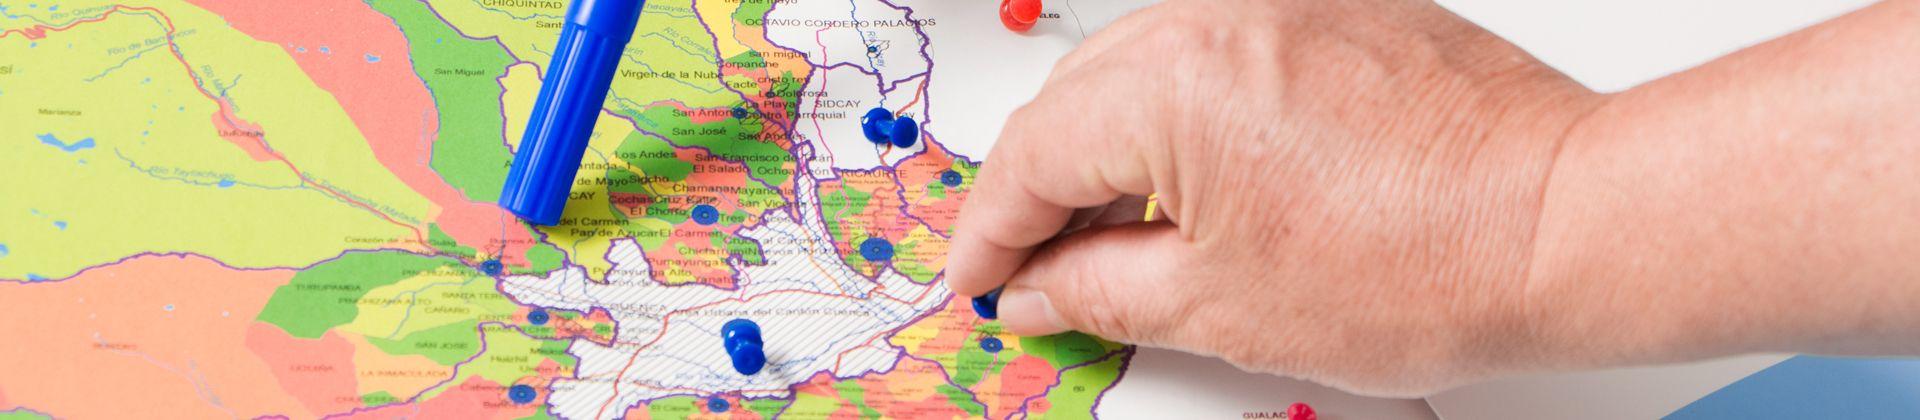 Irene mapa